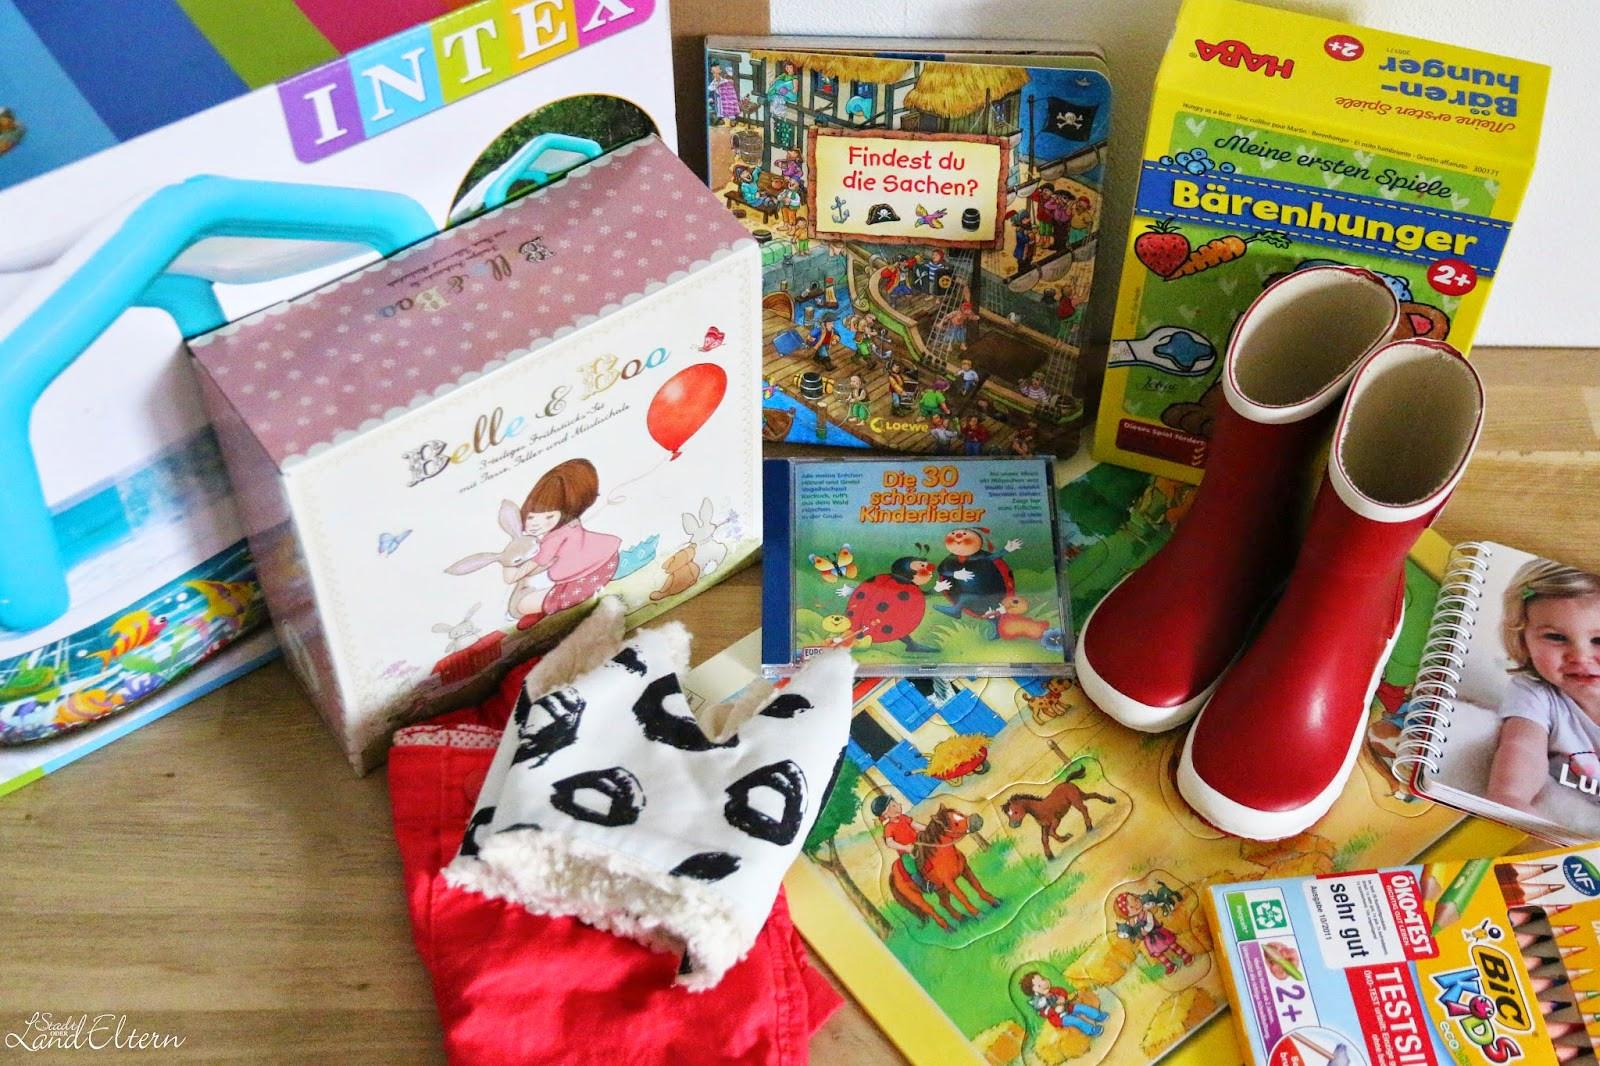 Geschenkideen Zum 2 Geburtstag  Lus 2 Geburtstag inkl Geschenkideen